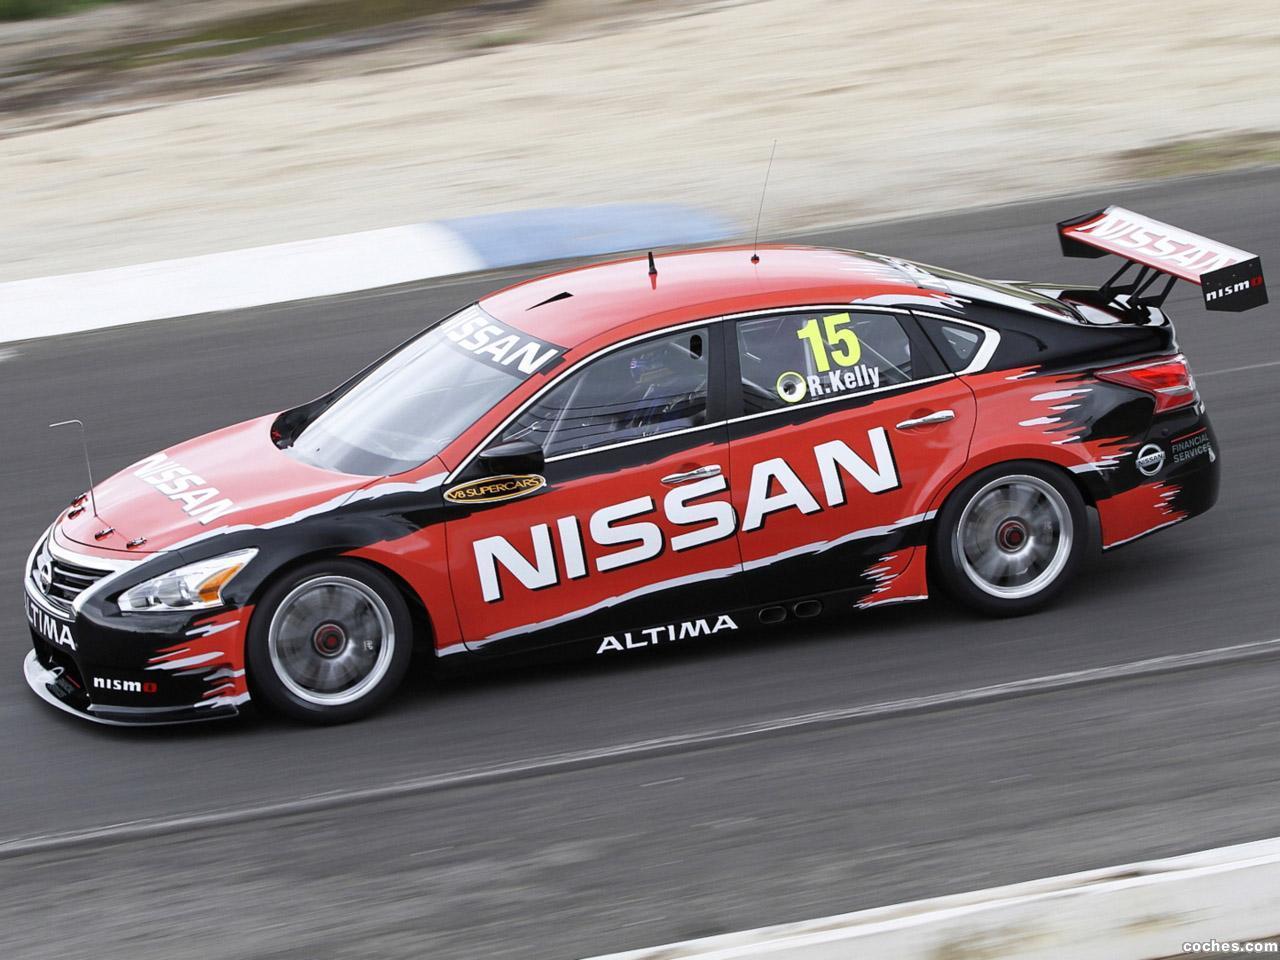 Foto 9 de Nissan Altima V8 Supercar 2012